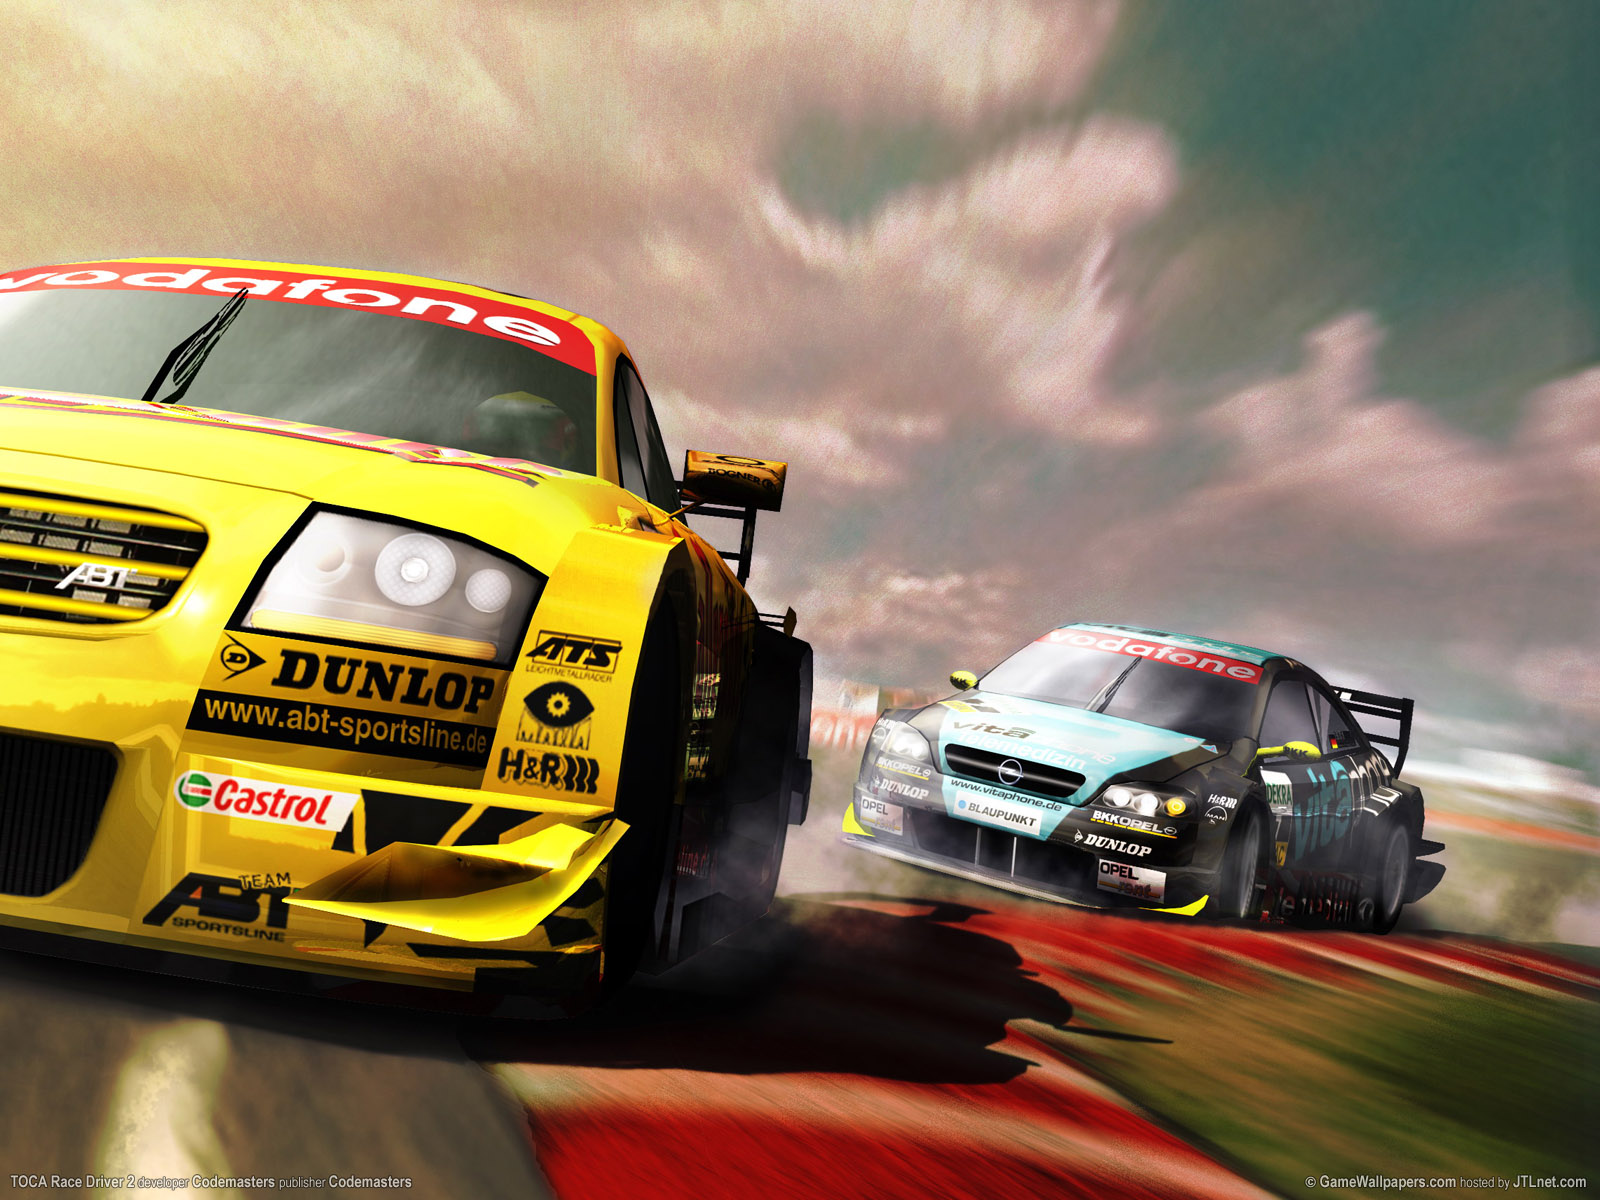 1600x1200 TOCA Race Driver 2 desktop PC and Mac wallpaper 1600x1200